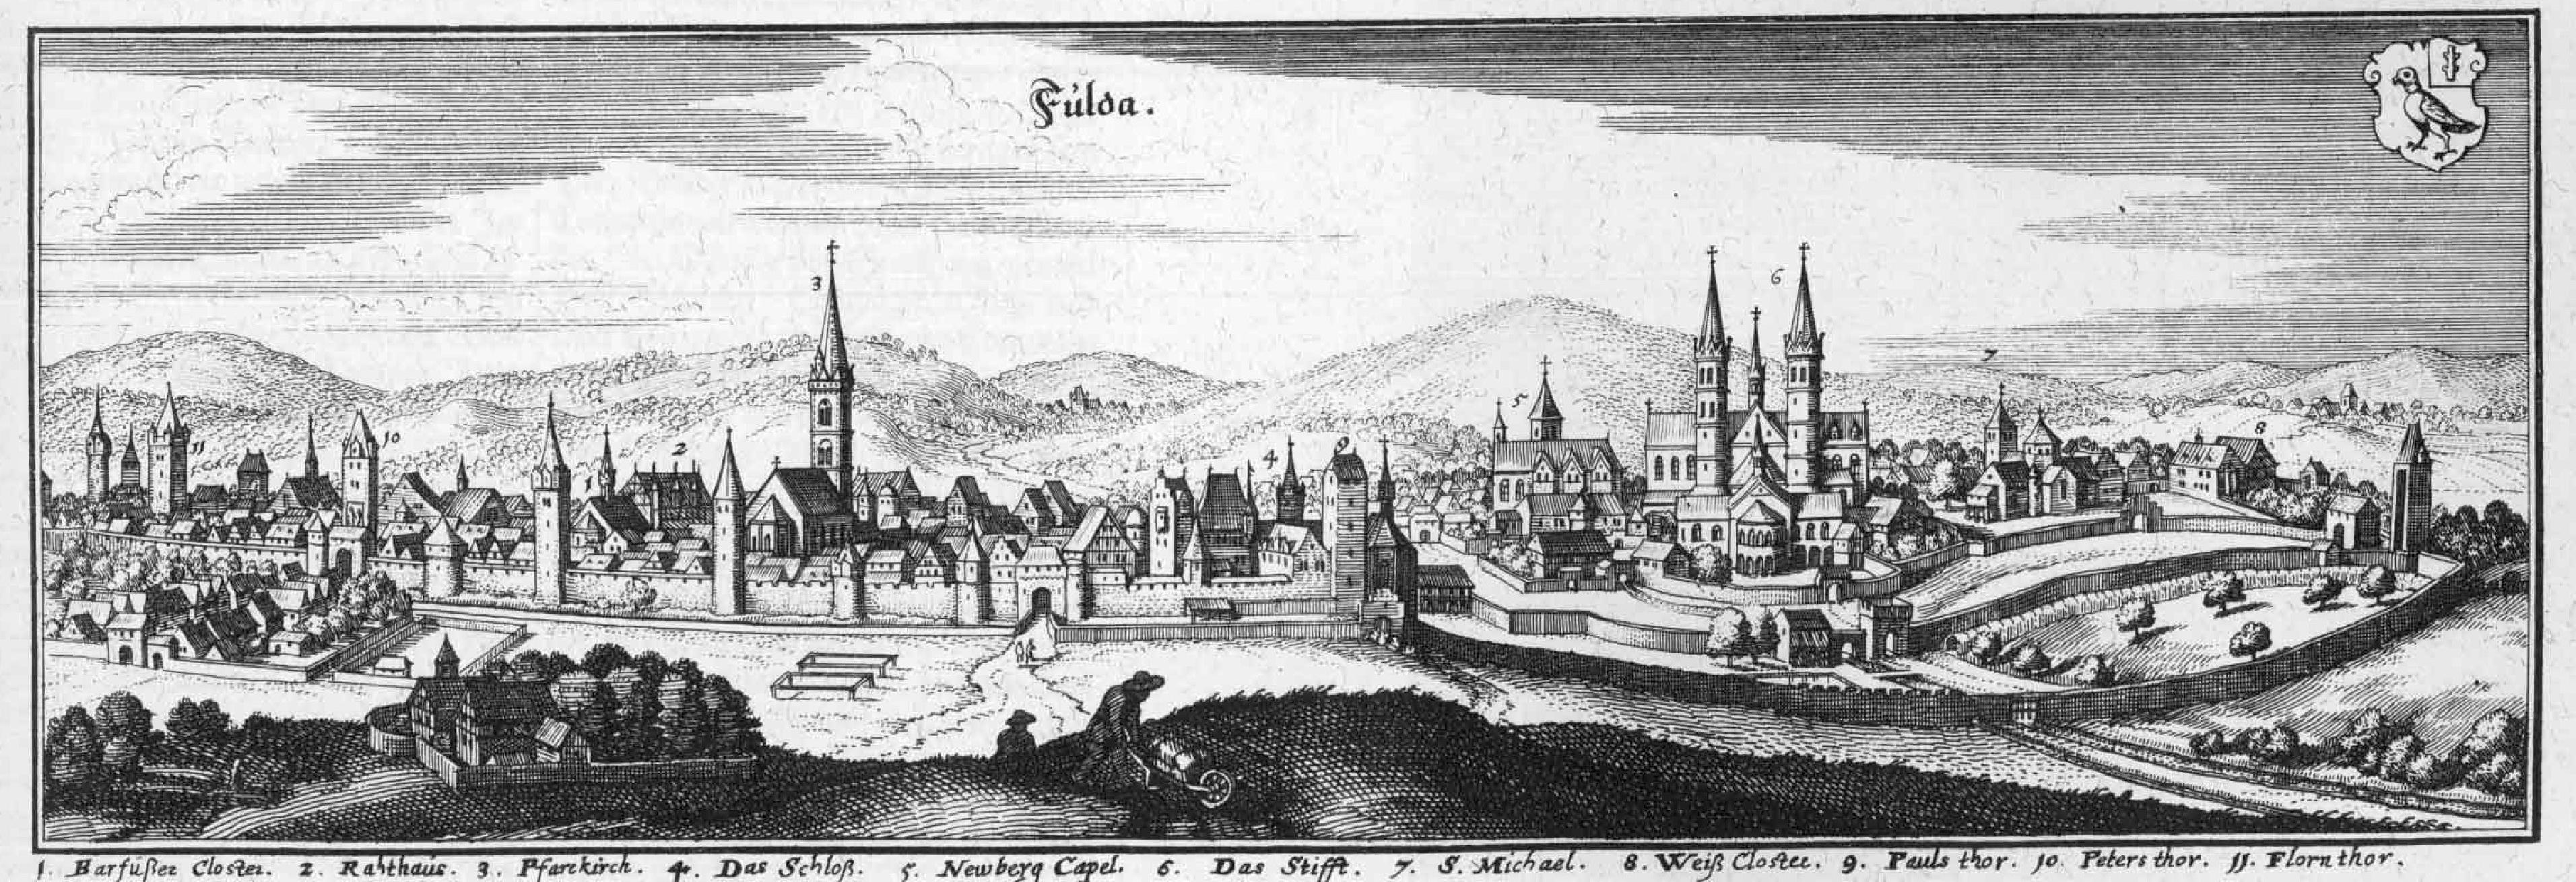 Kupferstich von Fulda von Matthäus Merian 1655